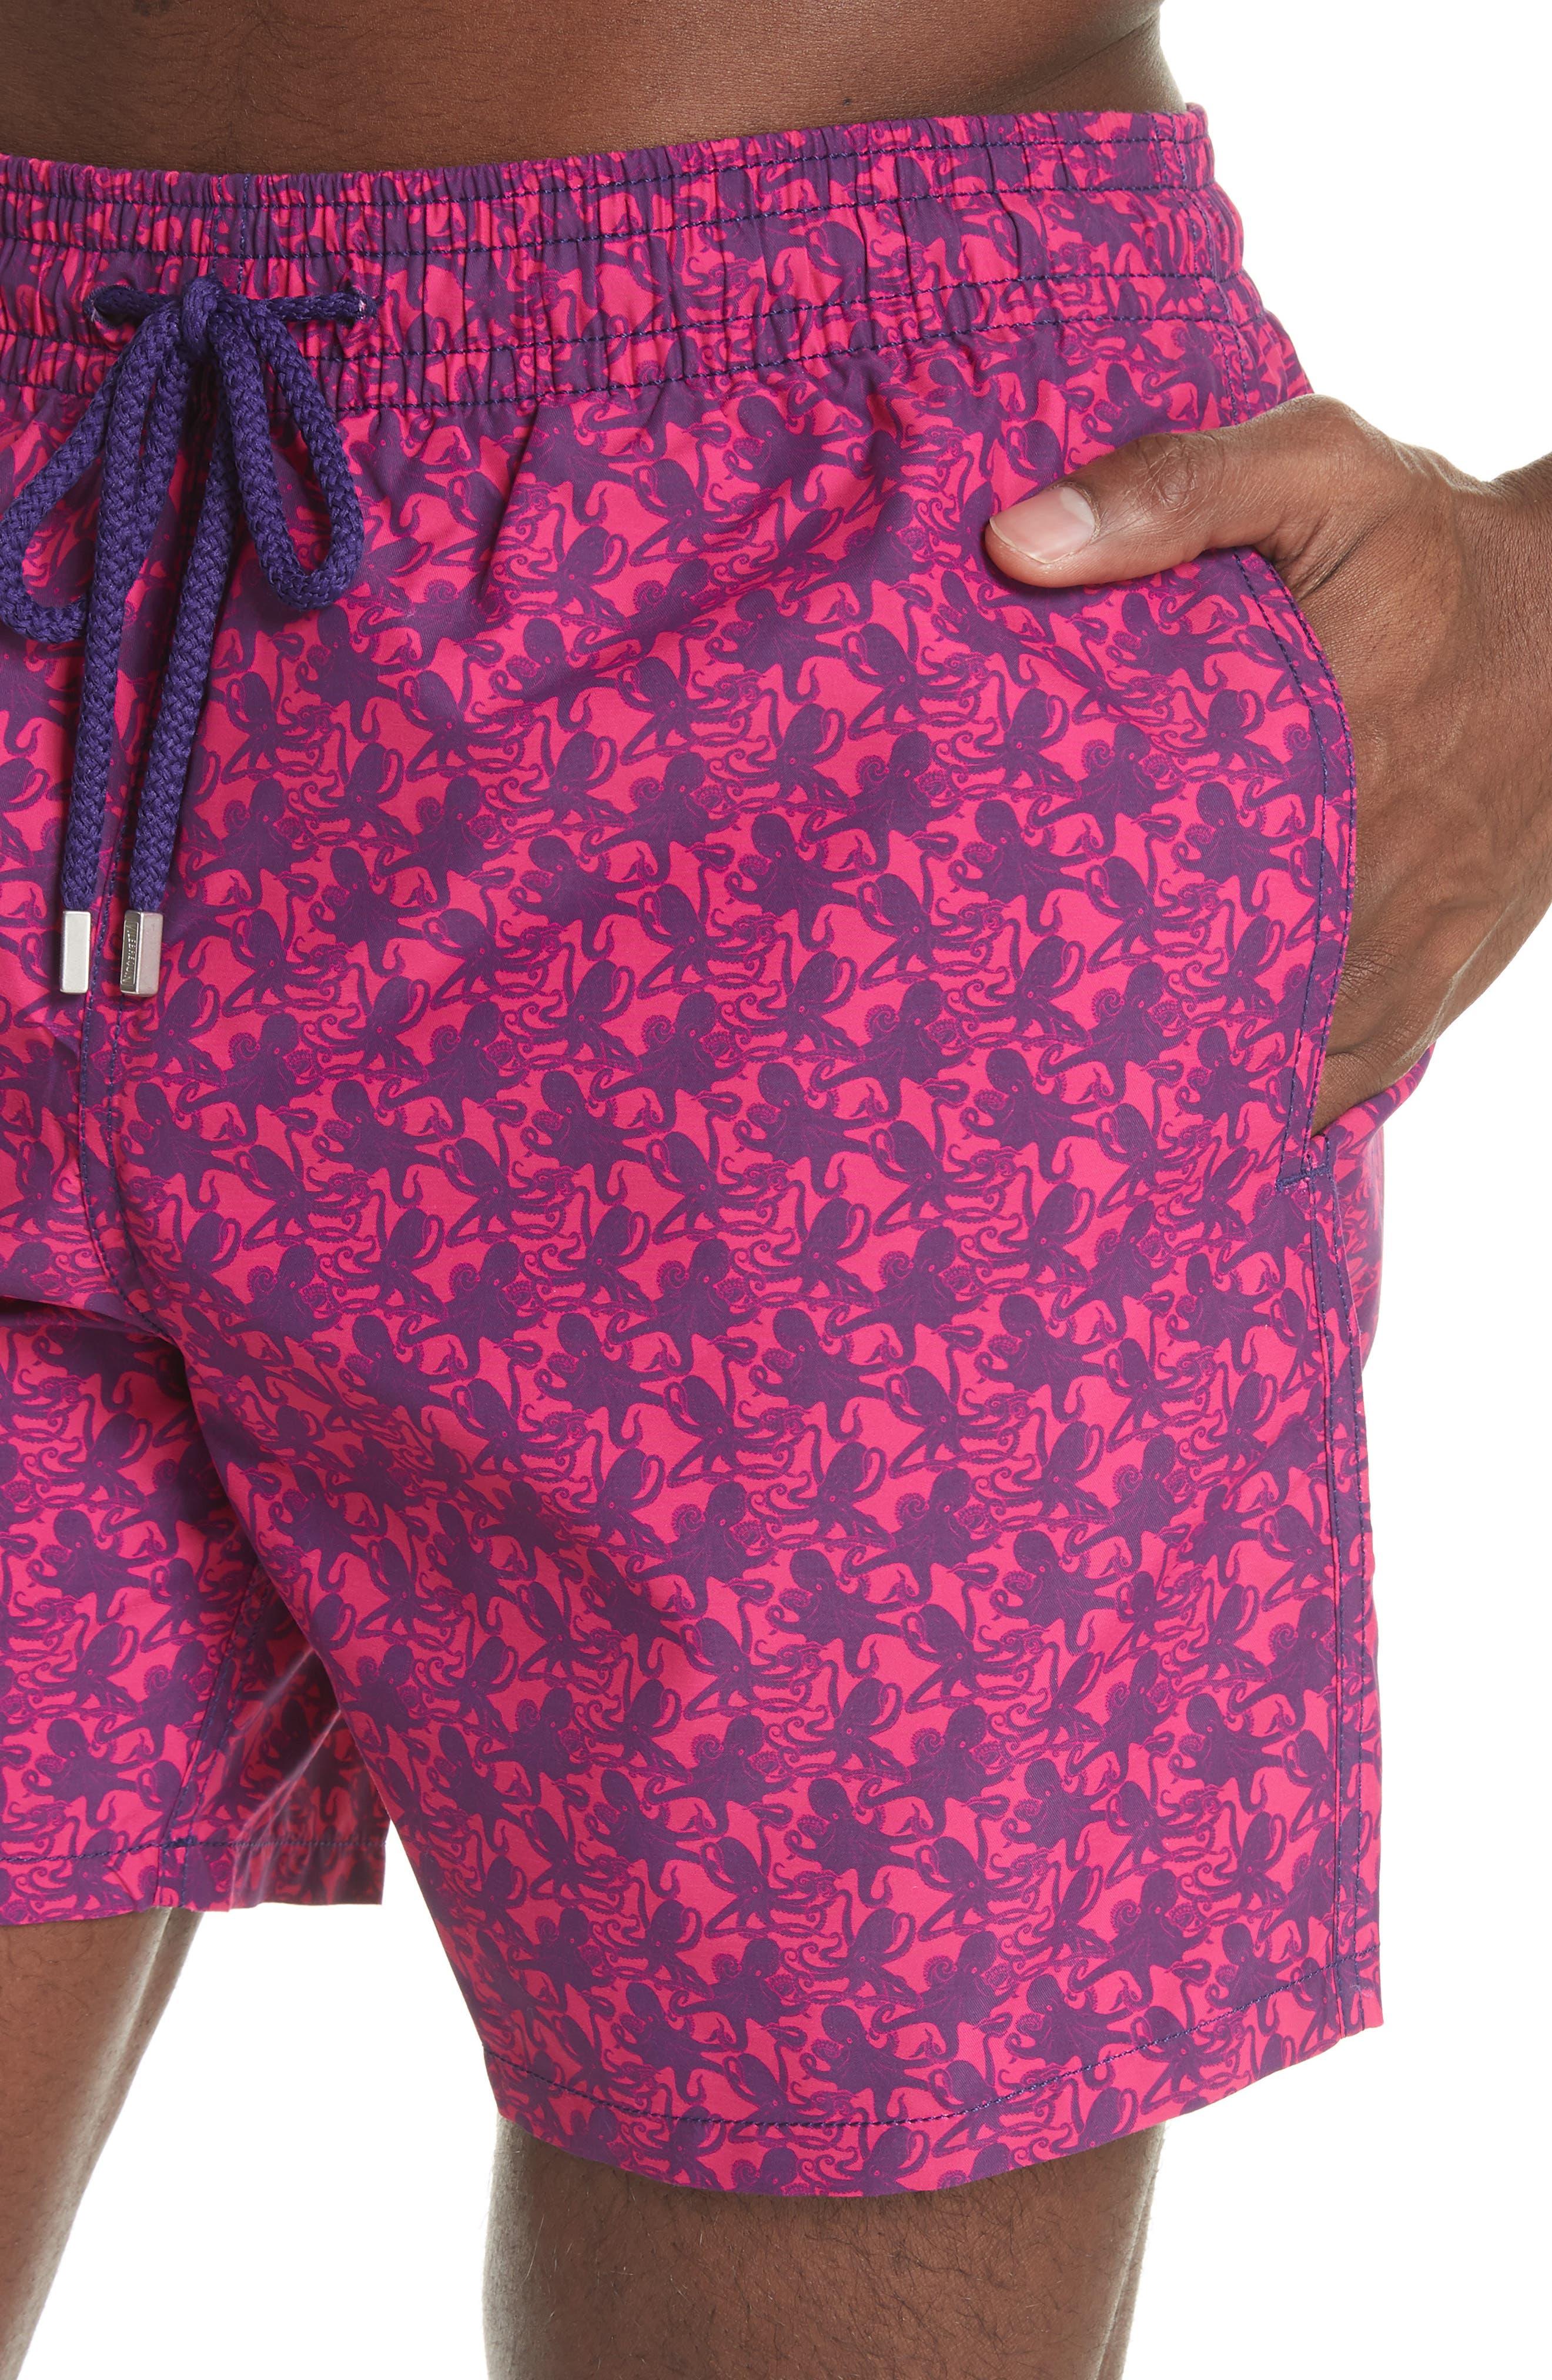 Mini Octopus Print Swim Trunks,                             Alternate thumbnail 4, color,                             SHOCKING PINK